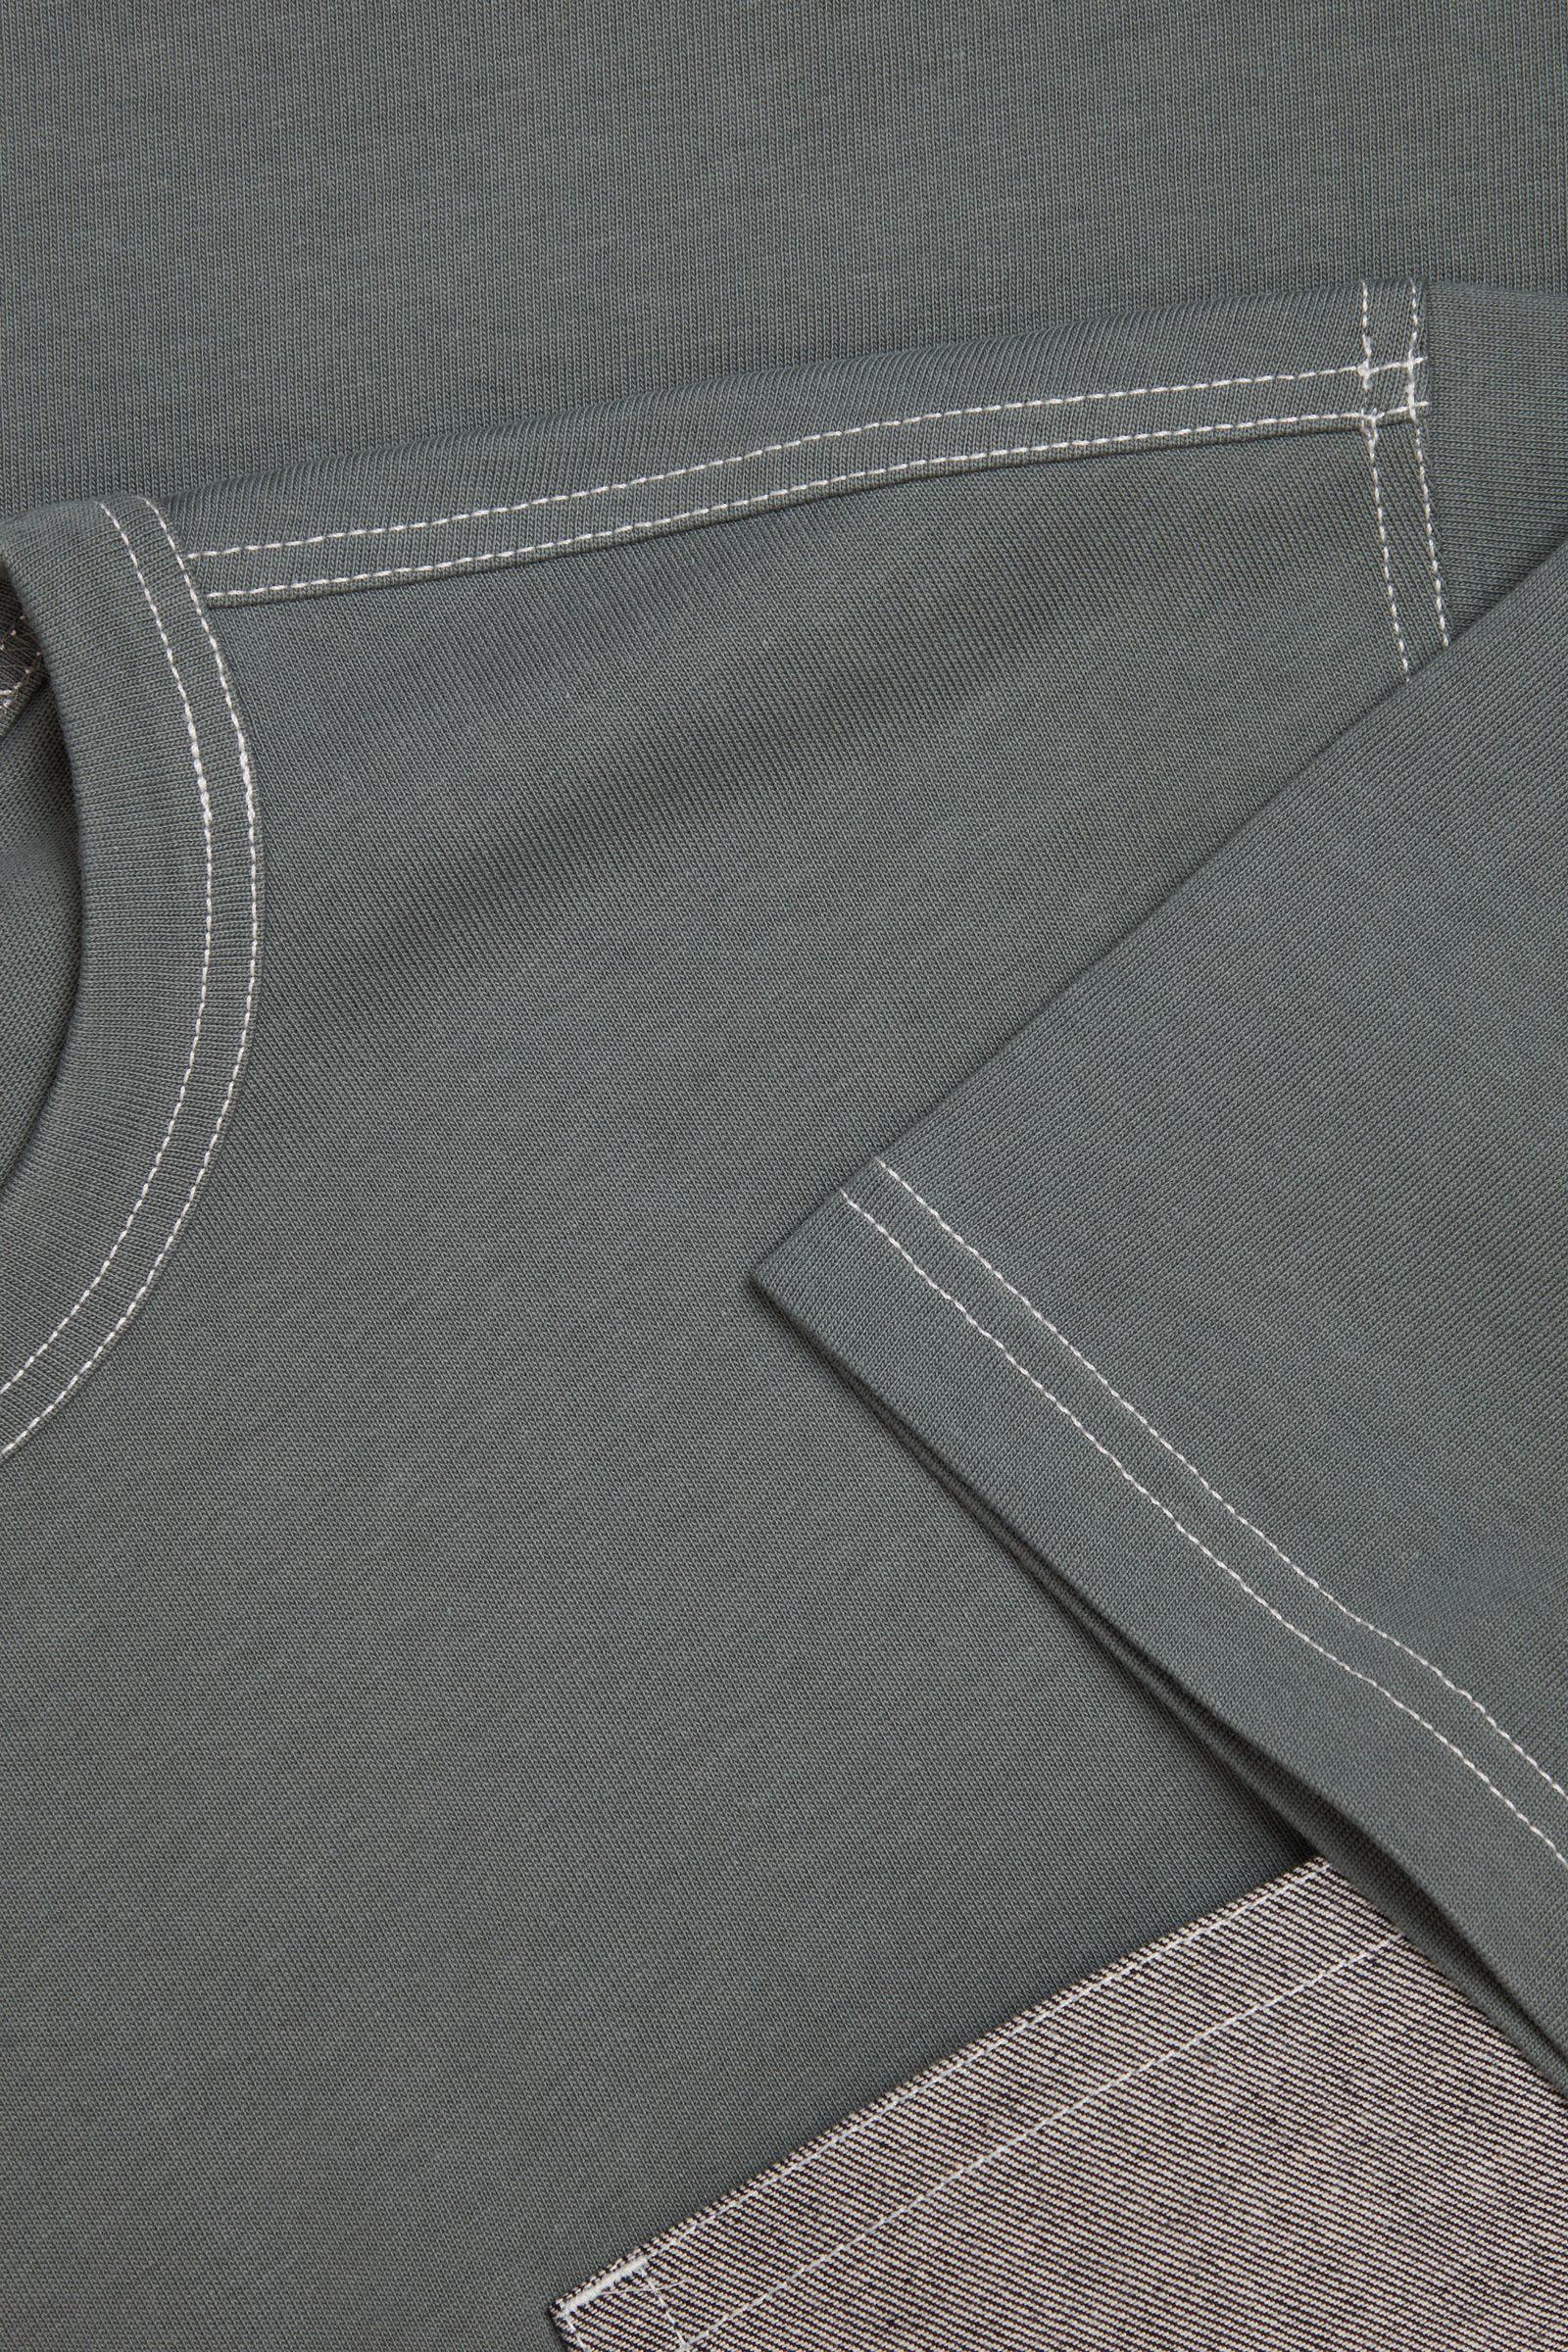 COS 데님 포켓 오가닉 코튼 티셔츠의 그린 / 그레이컬러 Detail입니다.